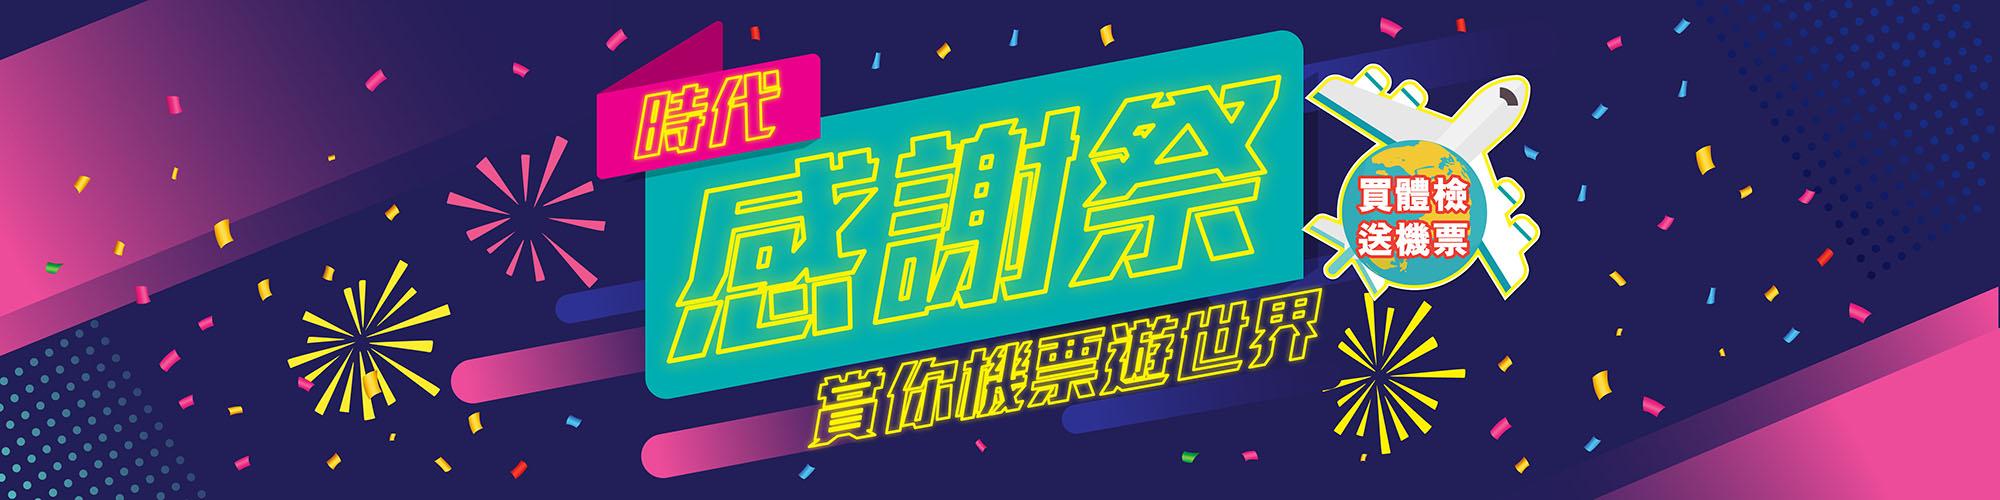 感謝祭 2019【春夏】